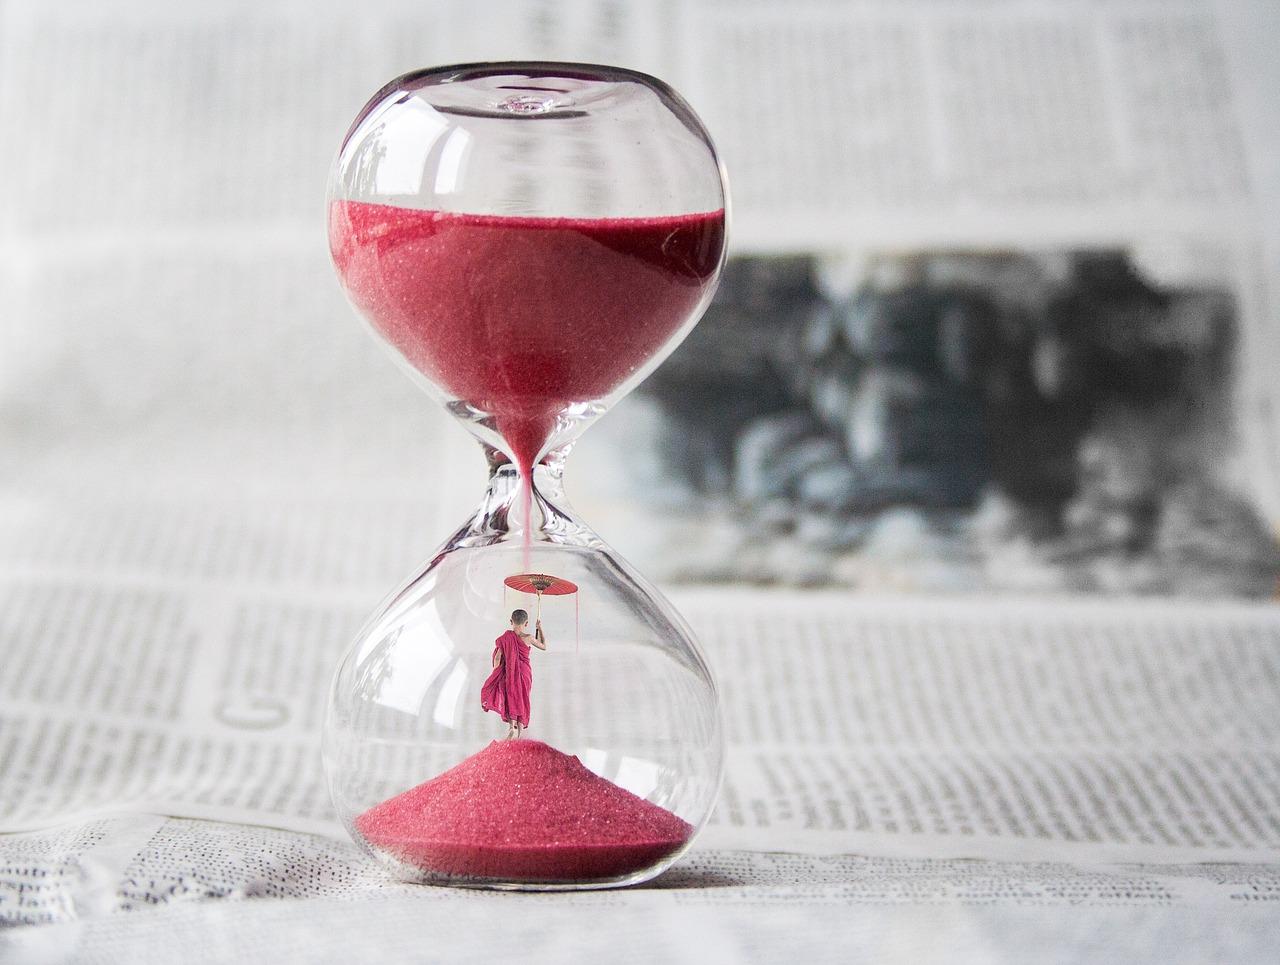 hourglass-1875812_1280.jpg